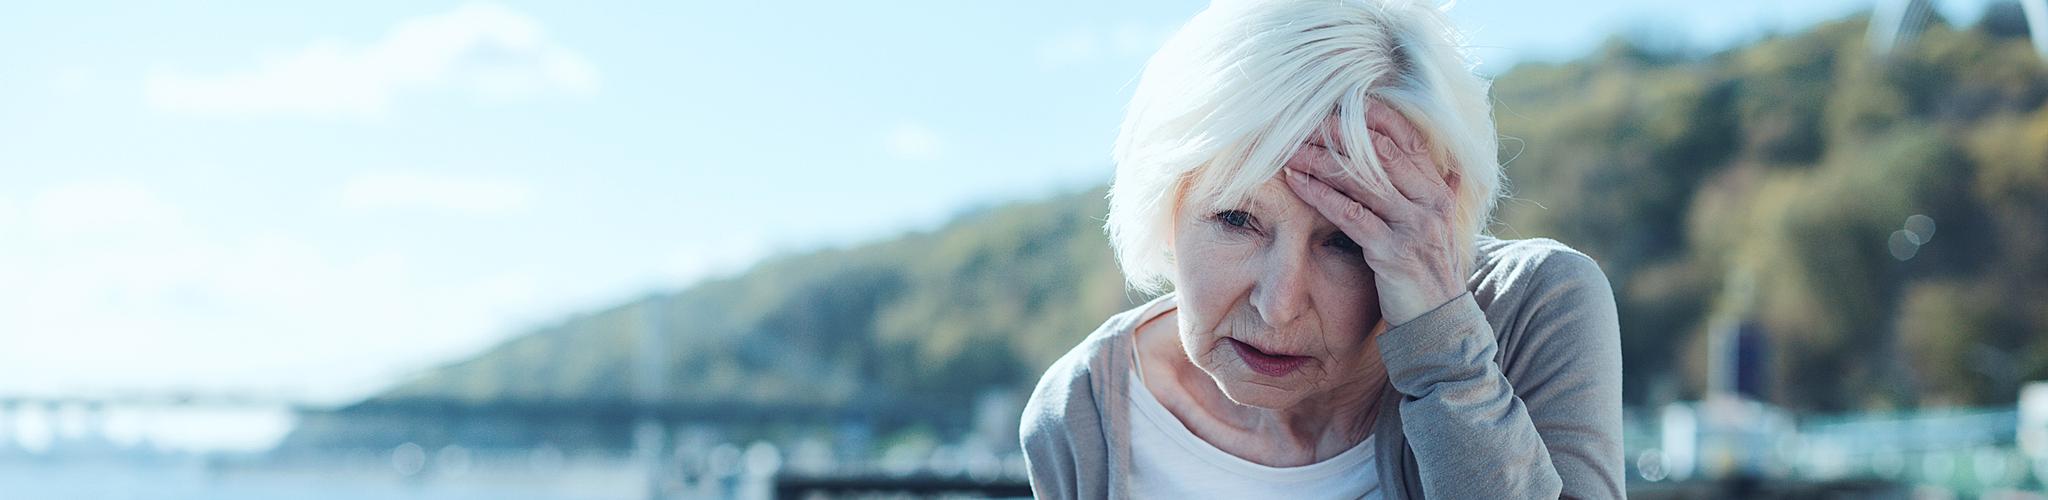 Ältere Dame hat Schwindel